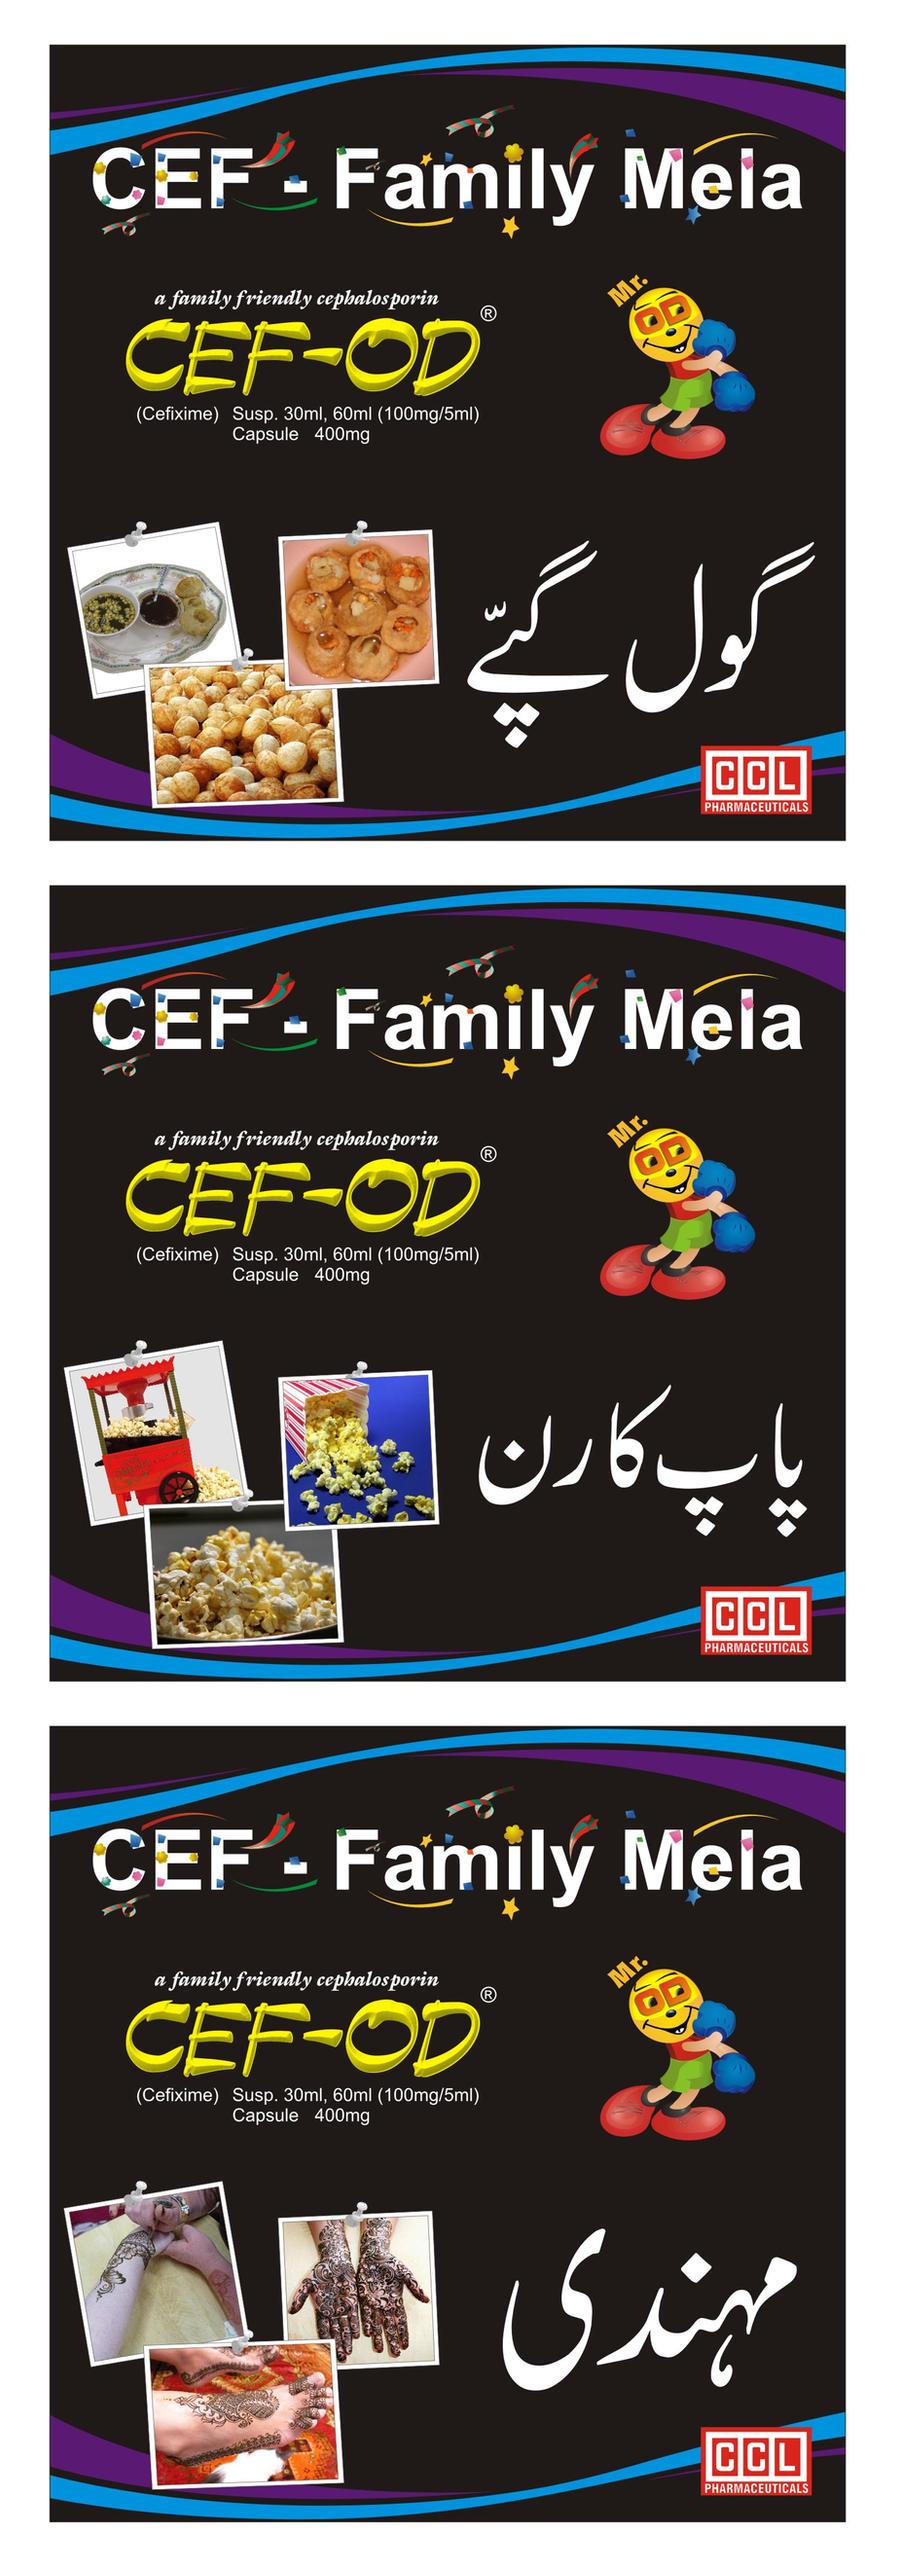 Cef od mela wall banner